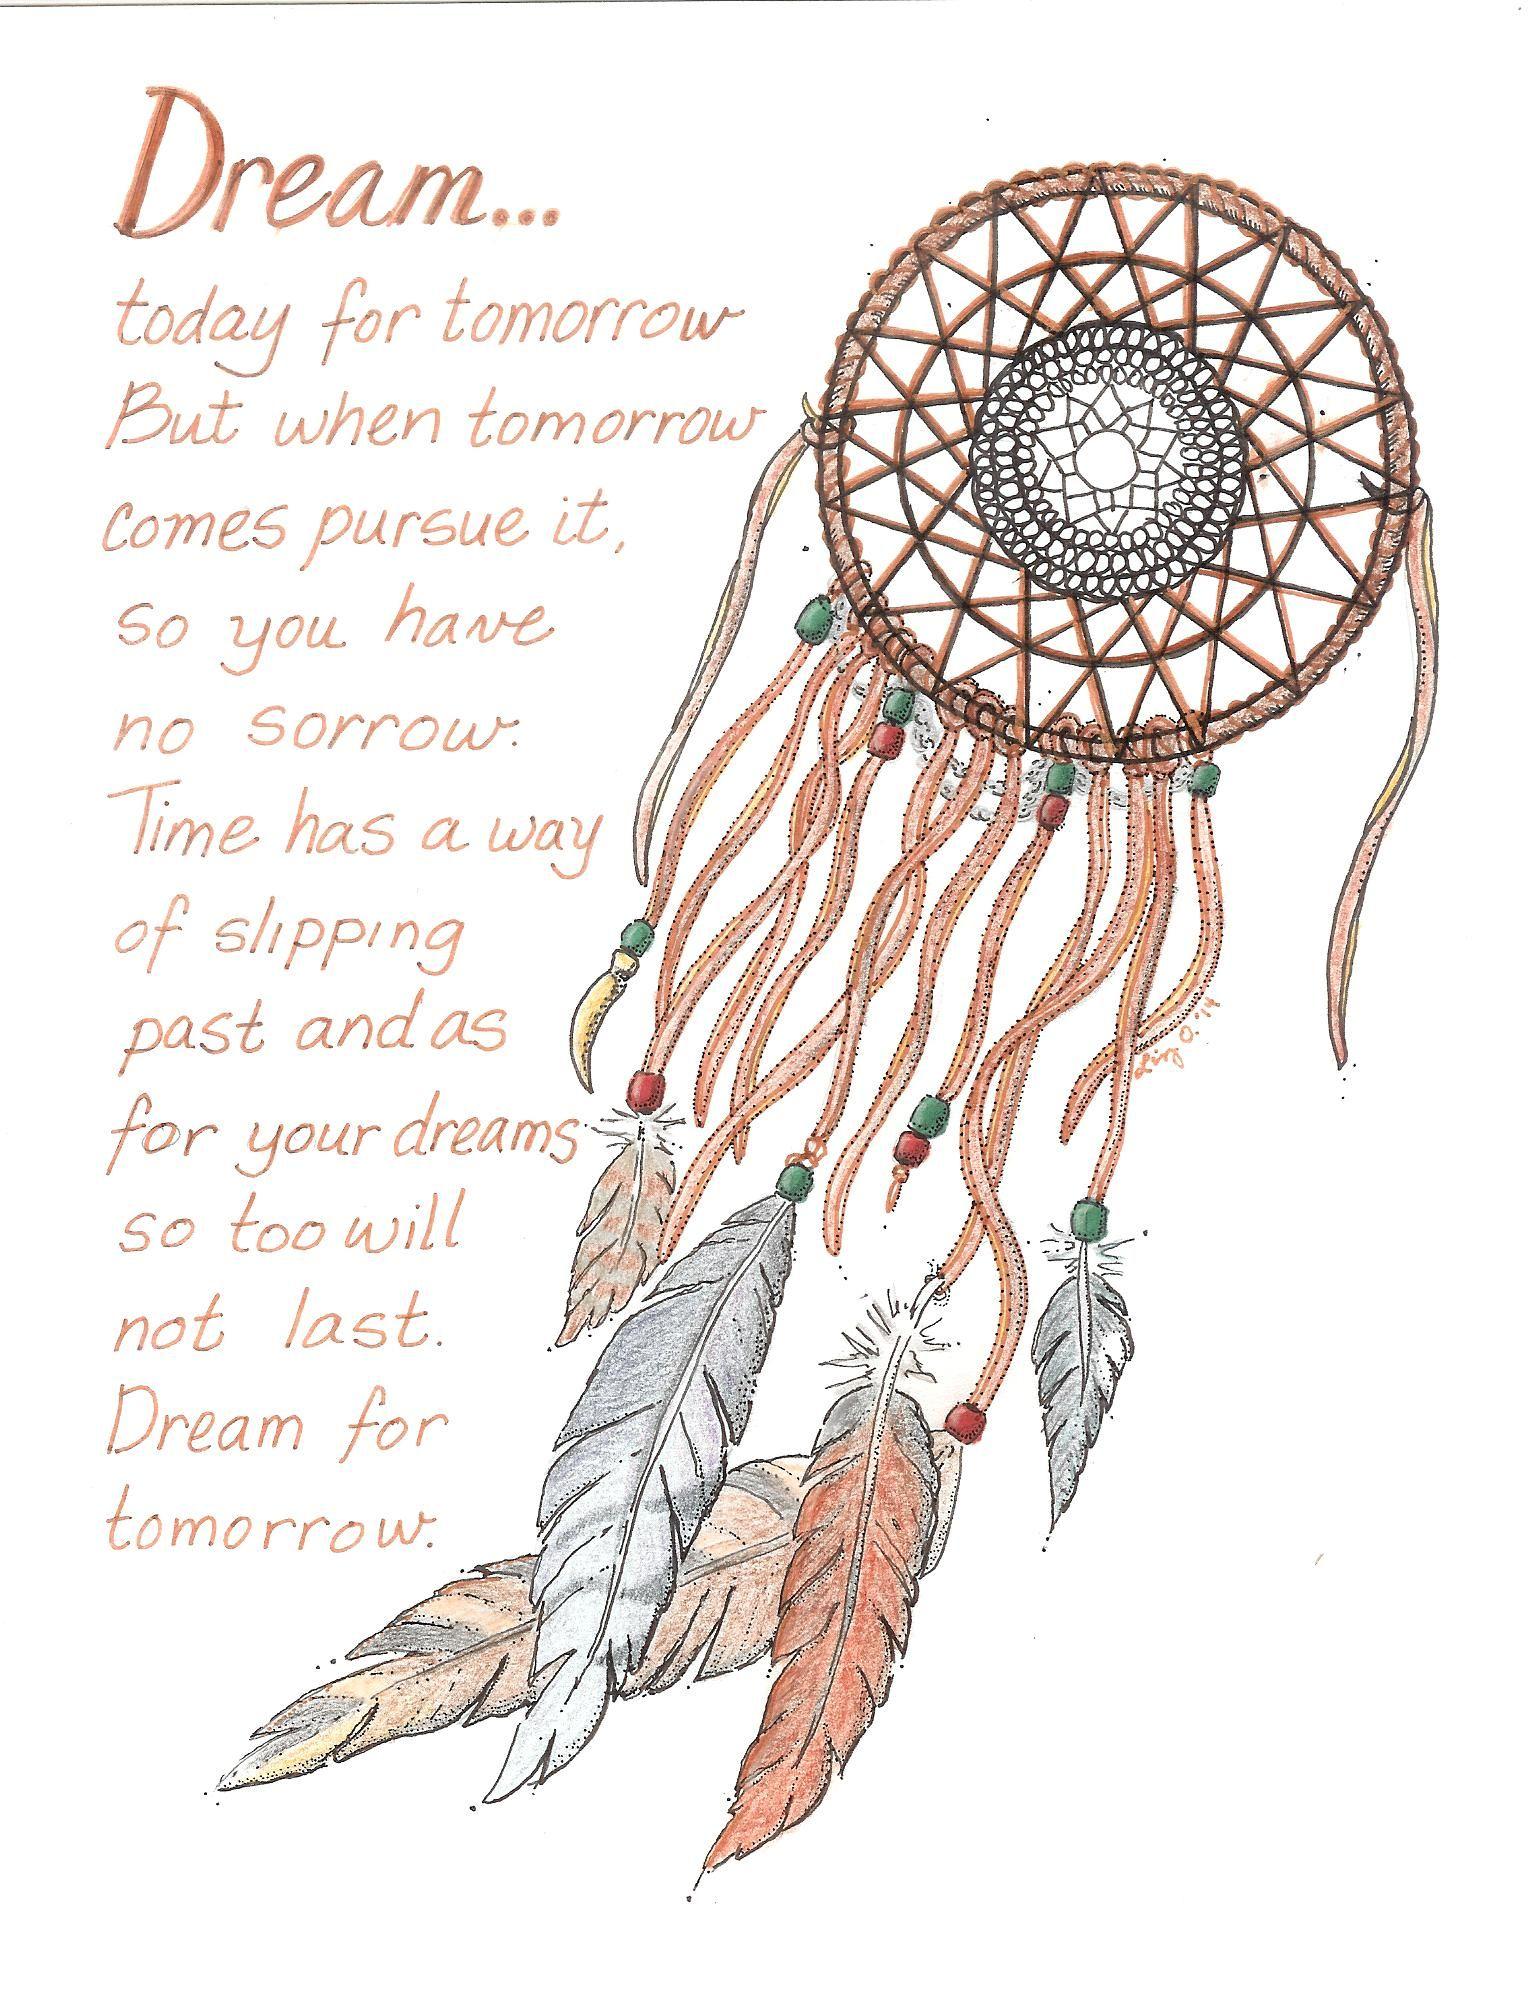 ☮American Hippie - Dreamcatcher Wishes   Dream catcher quotes